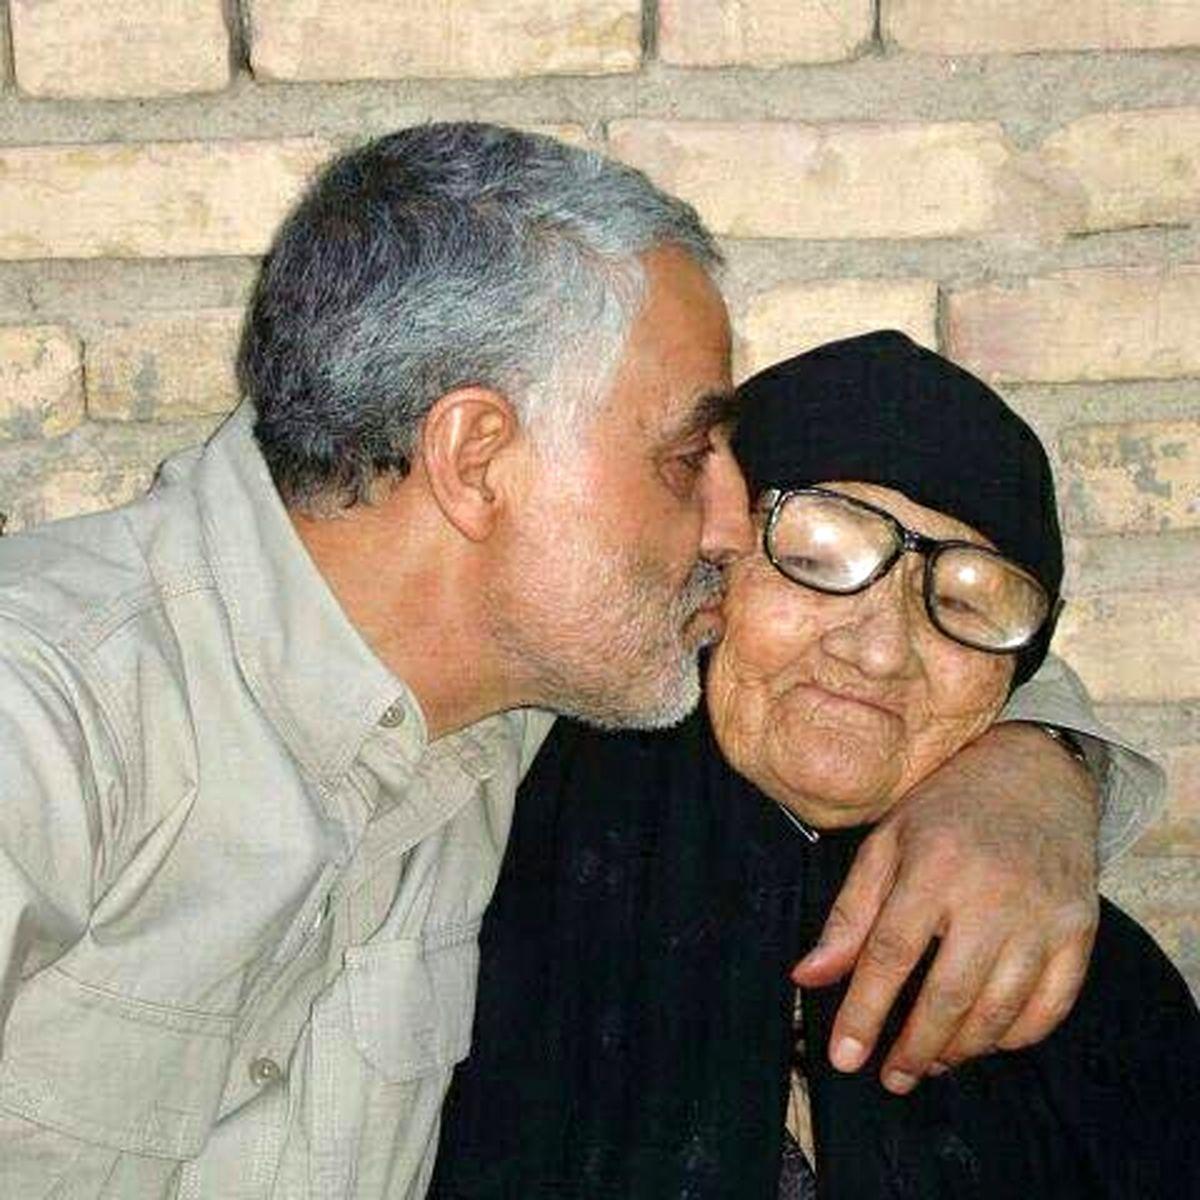 فیلم: وقتی «حاج قاسم» کف پای مادرش را میبوسید